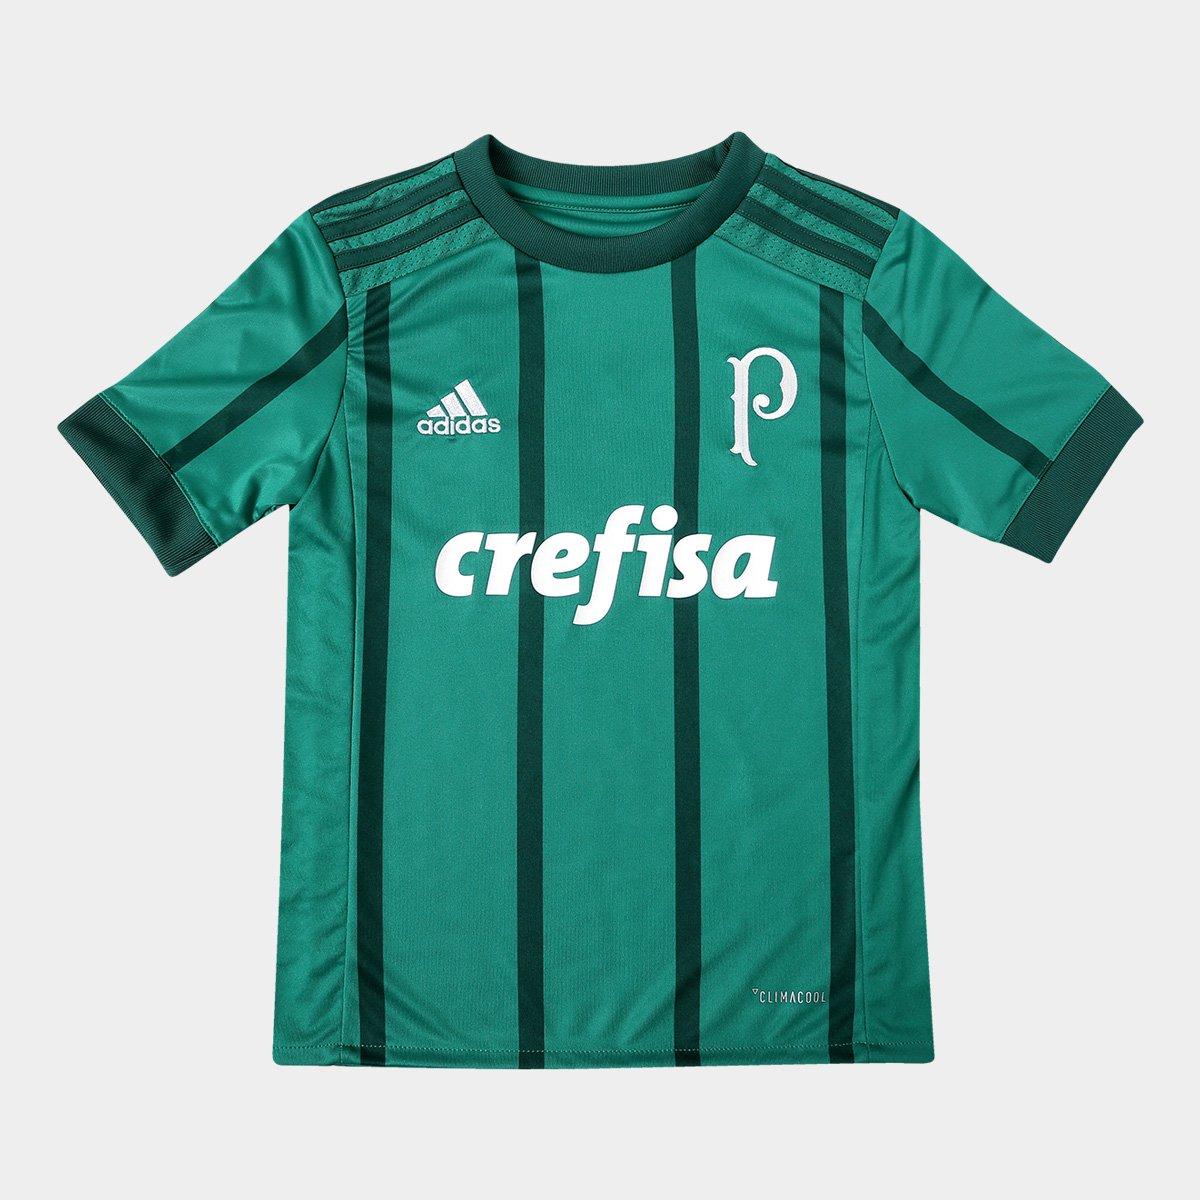 8655aa533f8fd Camisa Palmeiras Infantil I 17 18 s nº Torcedor Adidas - Verde - Compre  Agora